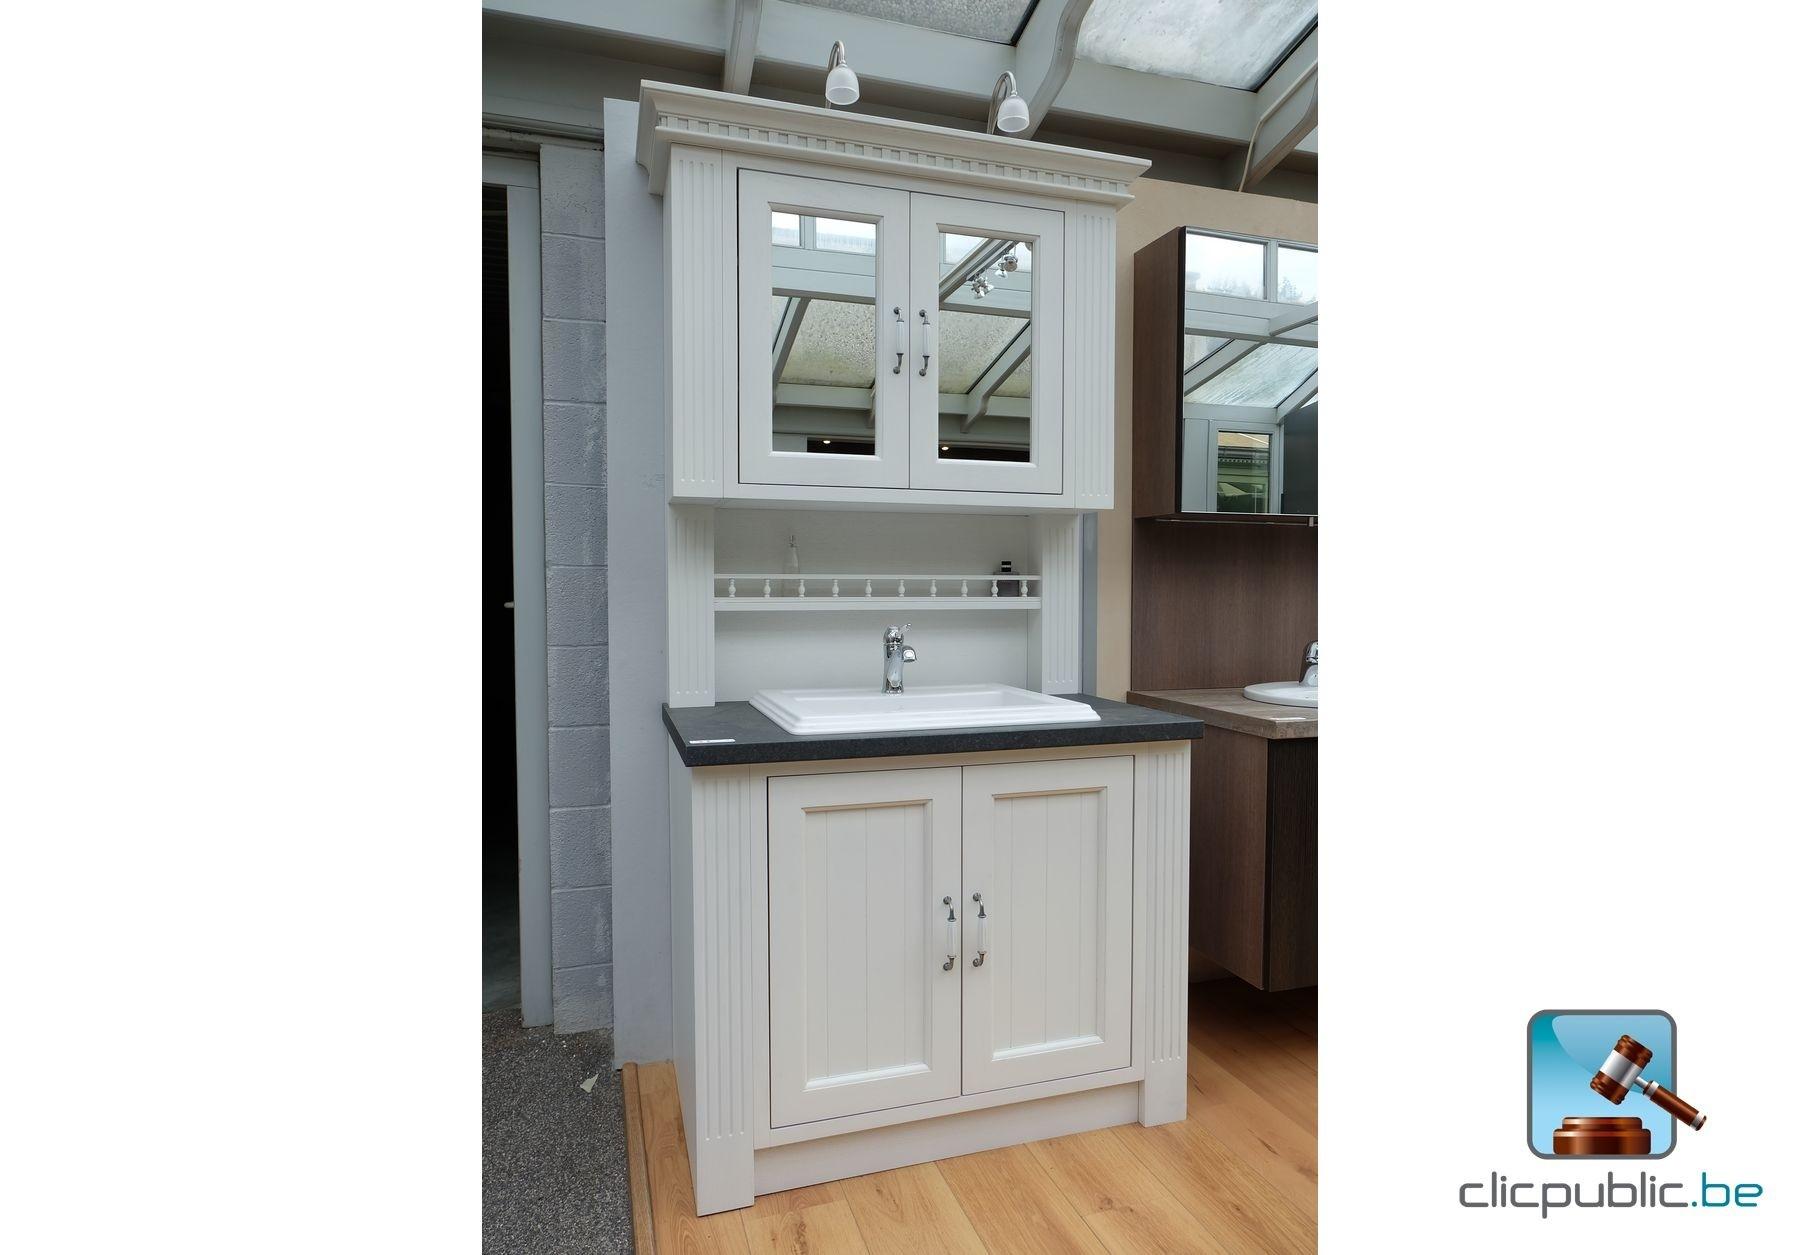 Meuble de salle de bain cottage, porte et pilastre en chêne massif lazuré bla -> Meuble Cottage Blanc